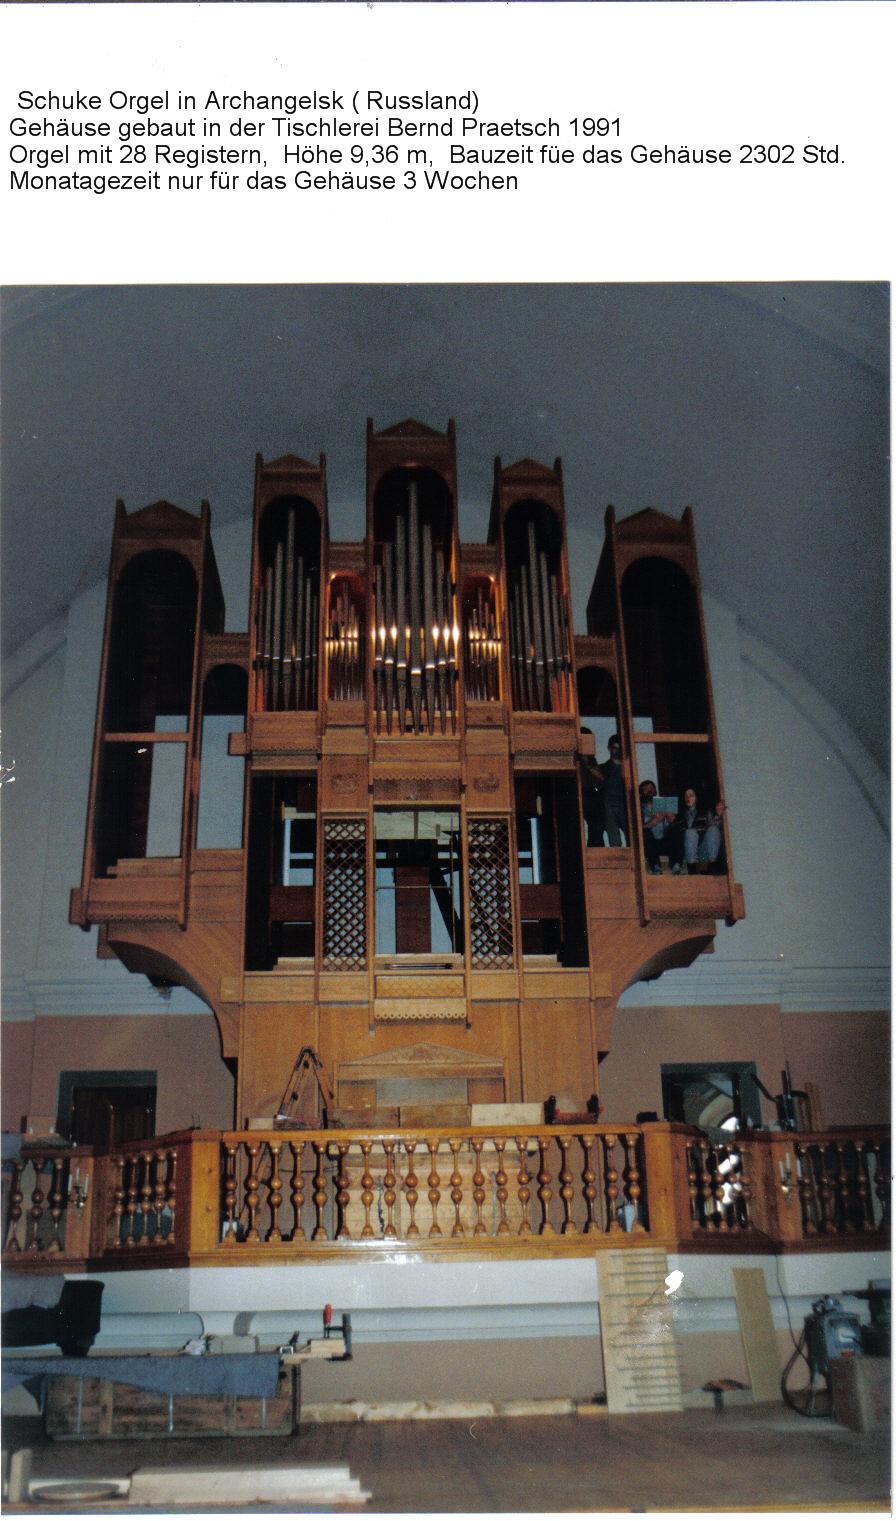 Orgelgehäuse für Schuke, gebaut in der Tischlerei Bernd Praetsch 1990/91- von Olaf Praetsch, Steffen Herre, Frank Praetsch